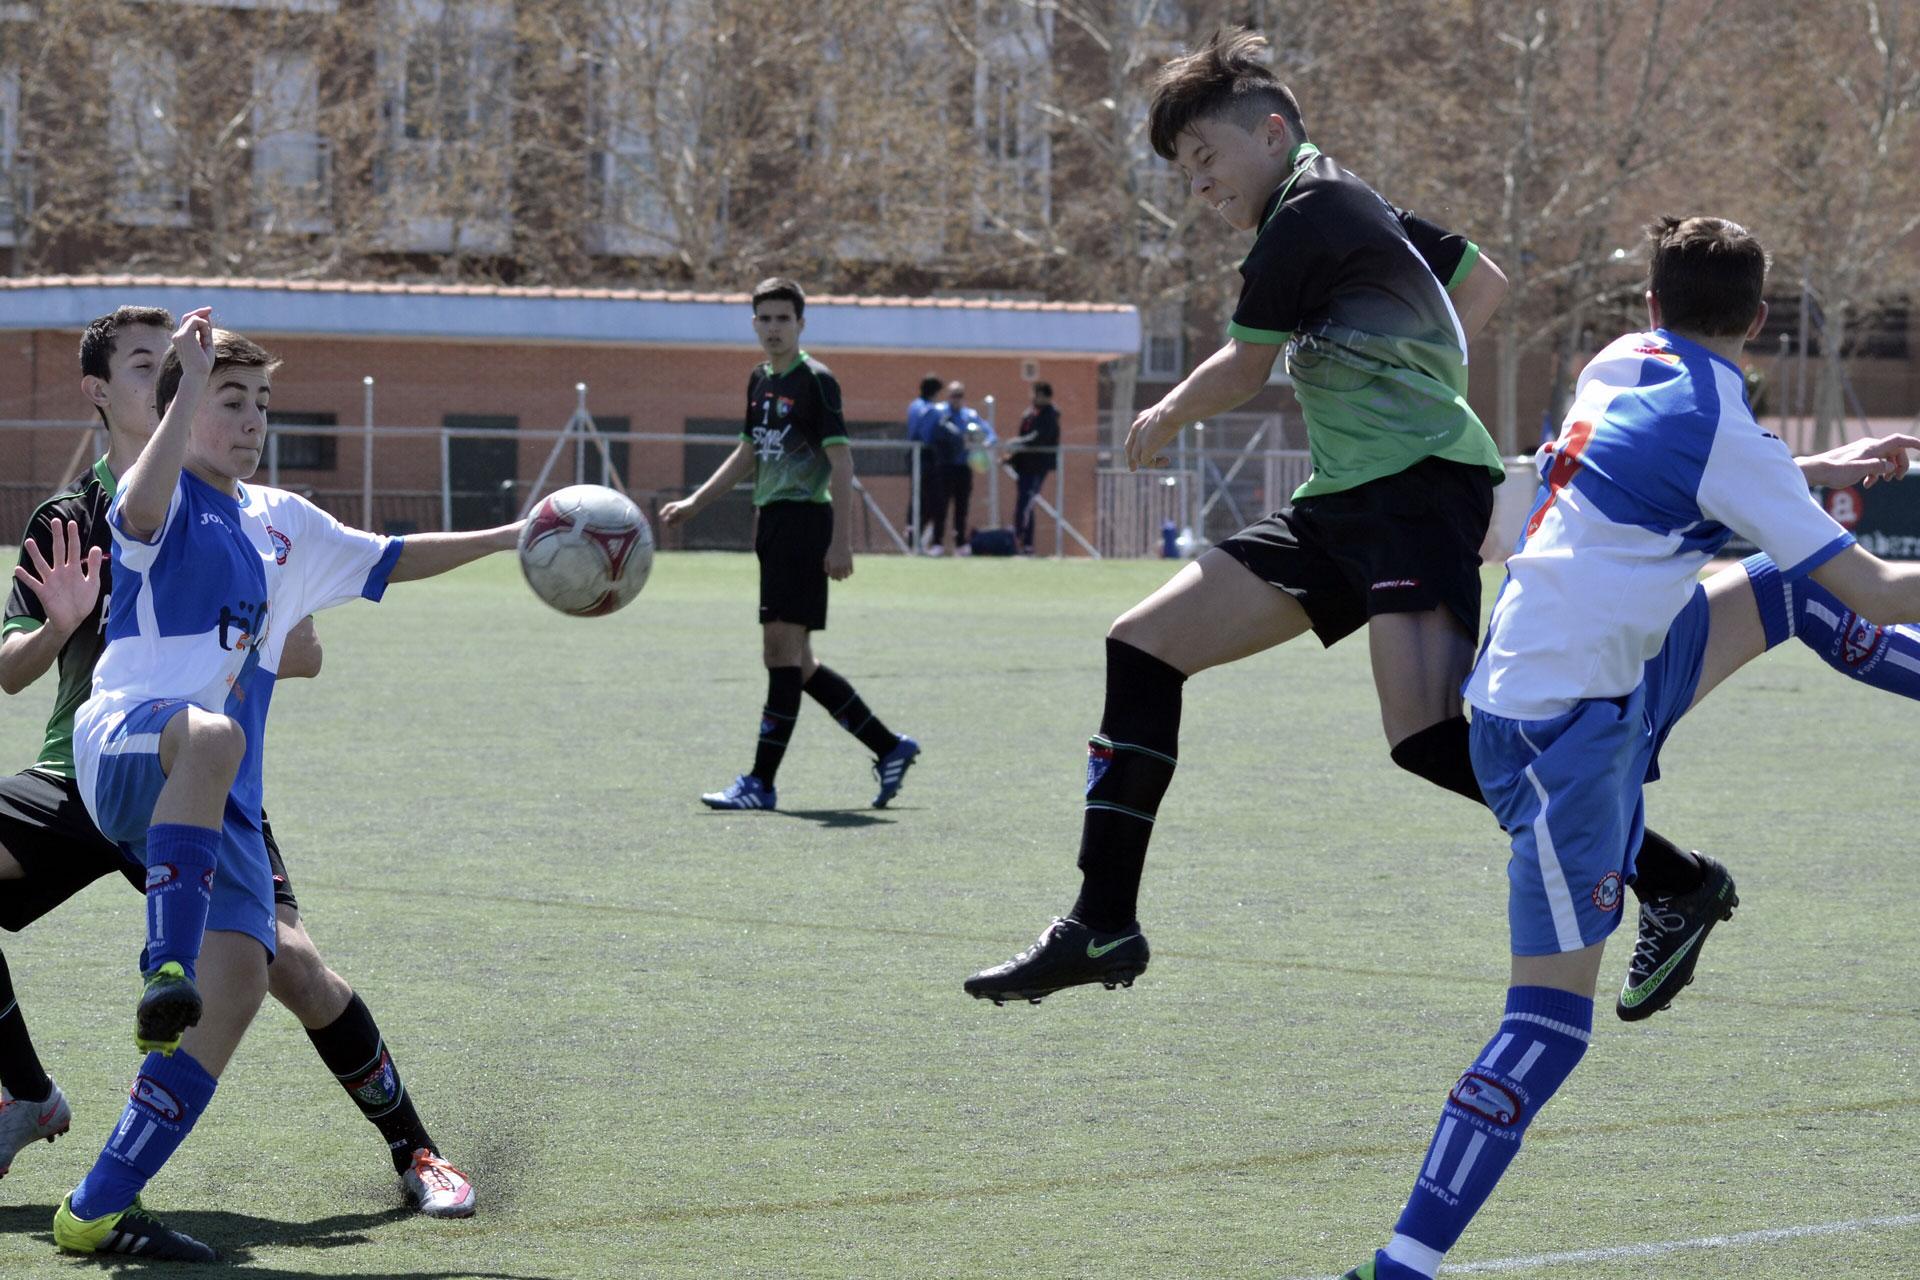 Crónica y fotos del partido de liga CD San Roque A 1 – 1 EDM Cadete C